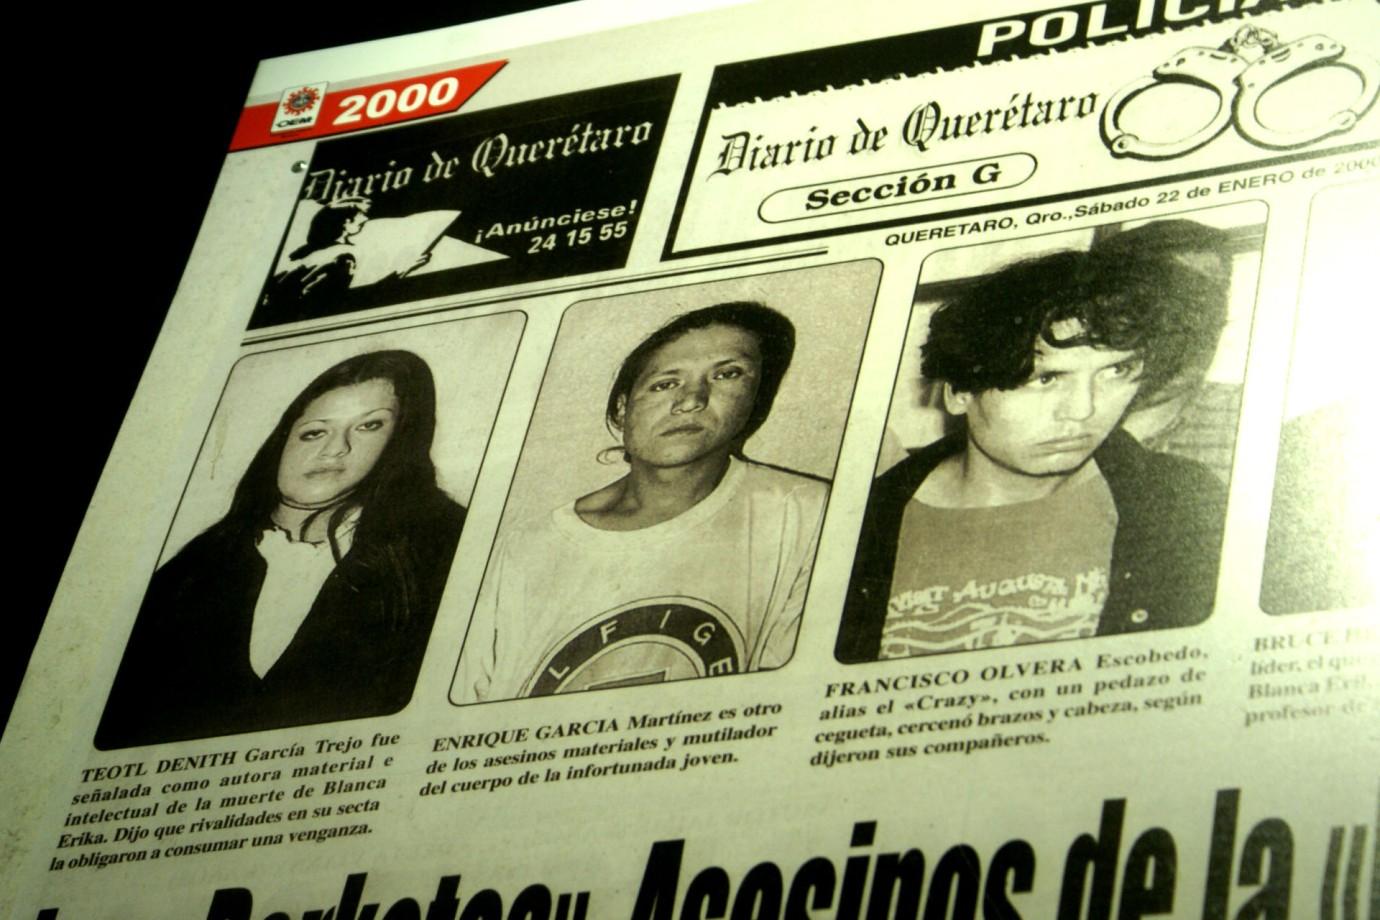 La historia no oficial del asesinato de los 'Darketos' |